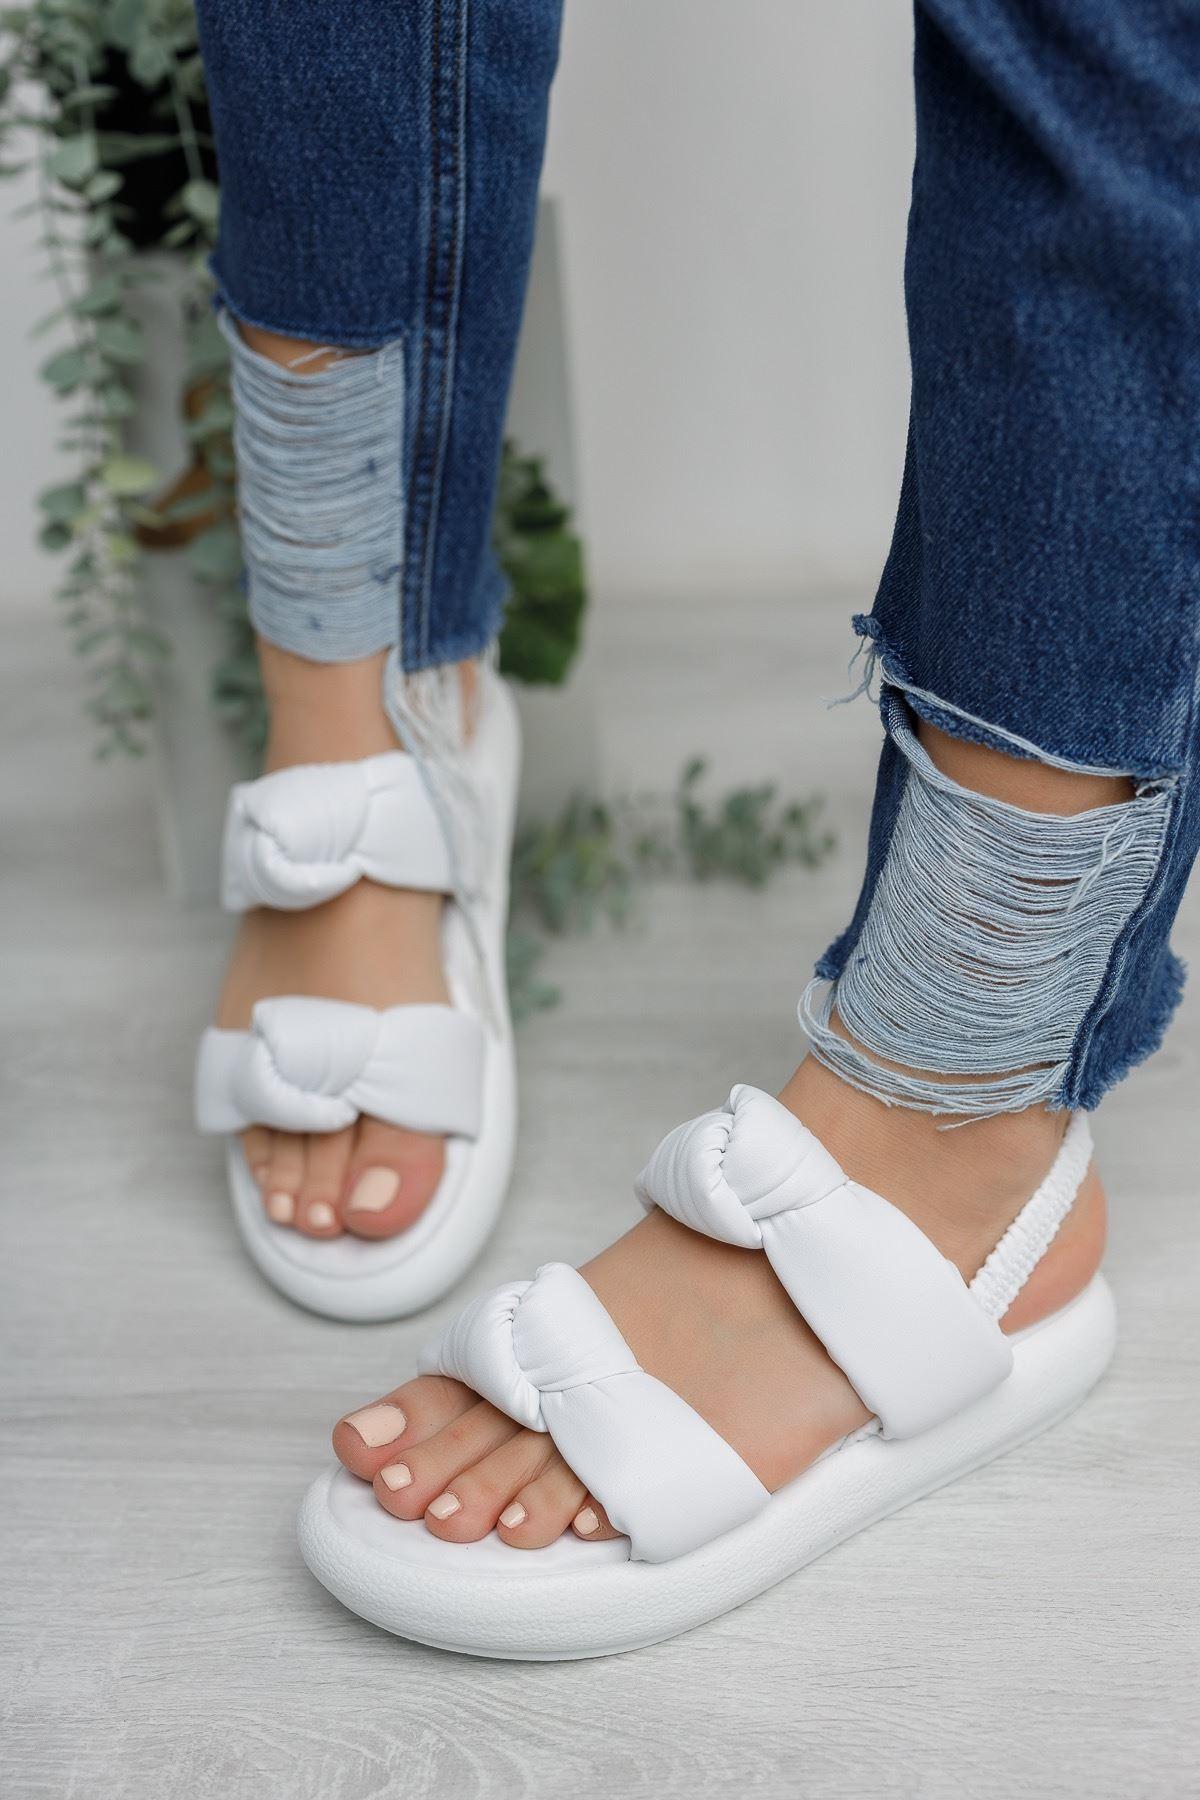 Kadın Rosso Mat Deri Bağlama Detaylı Beyaz Sandalet